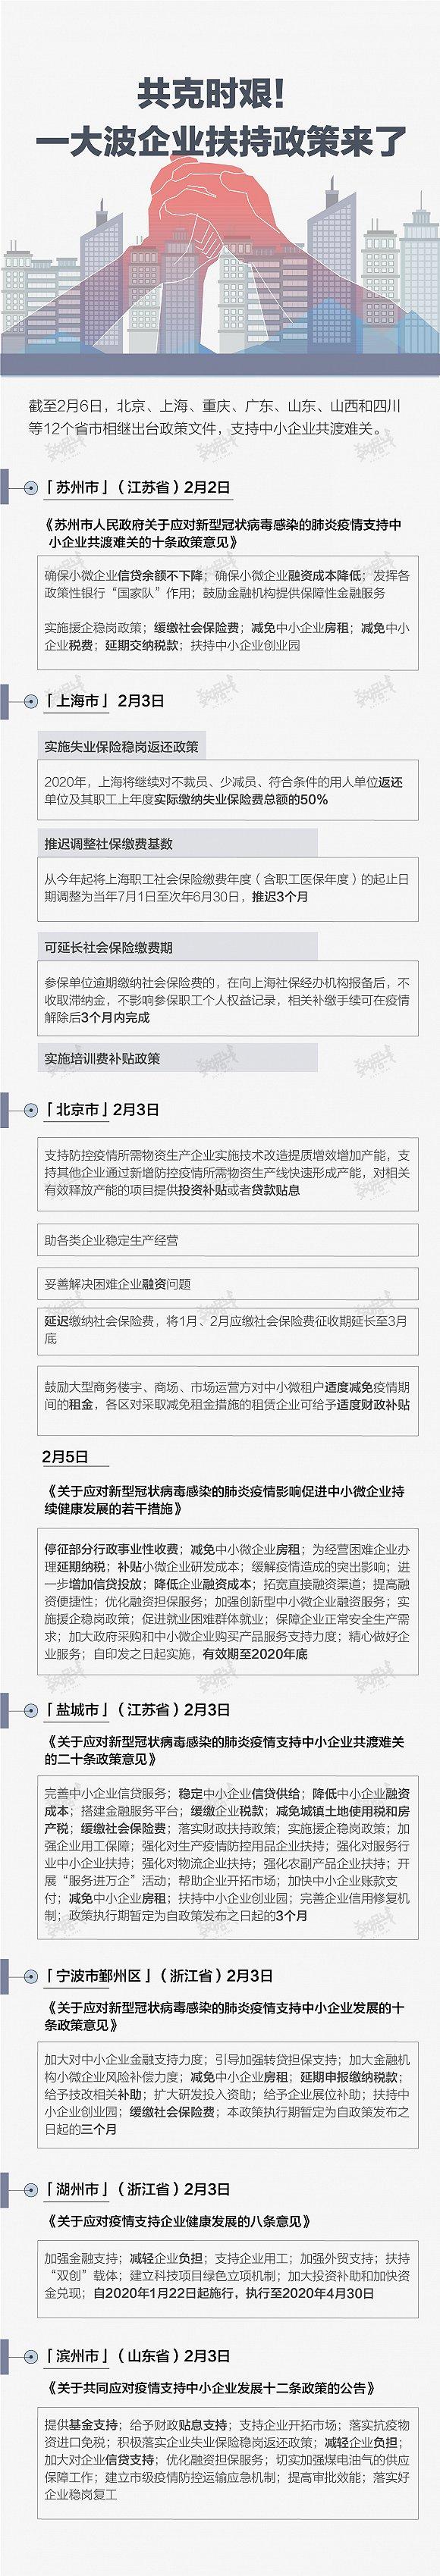 孙春兰赴武汉:必须落实责任担当作为